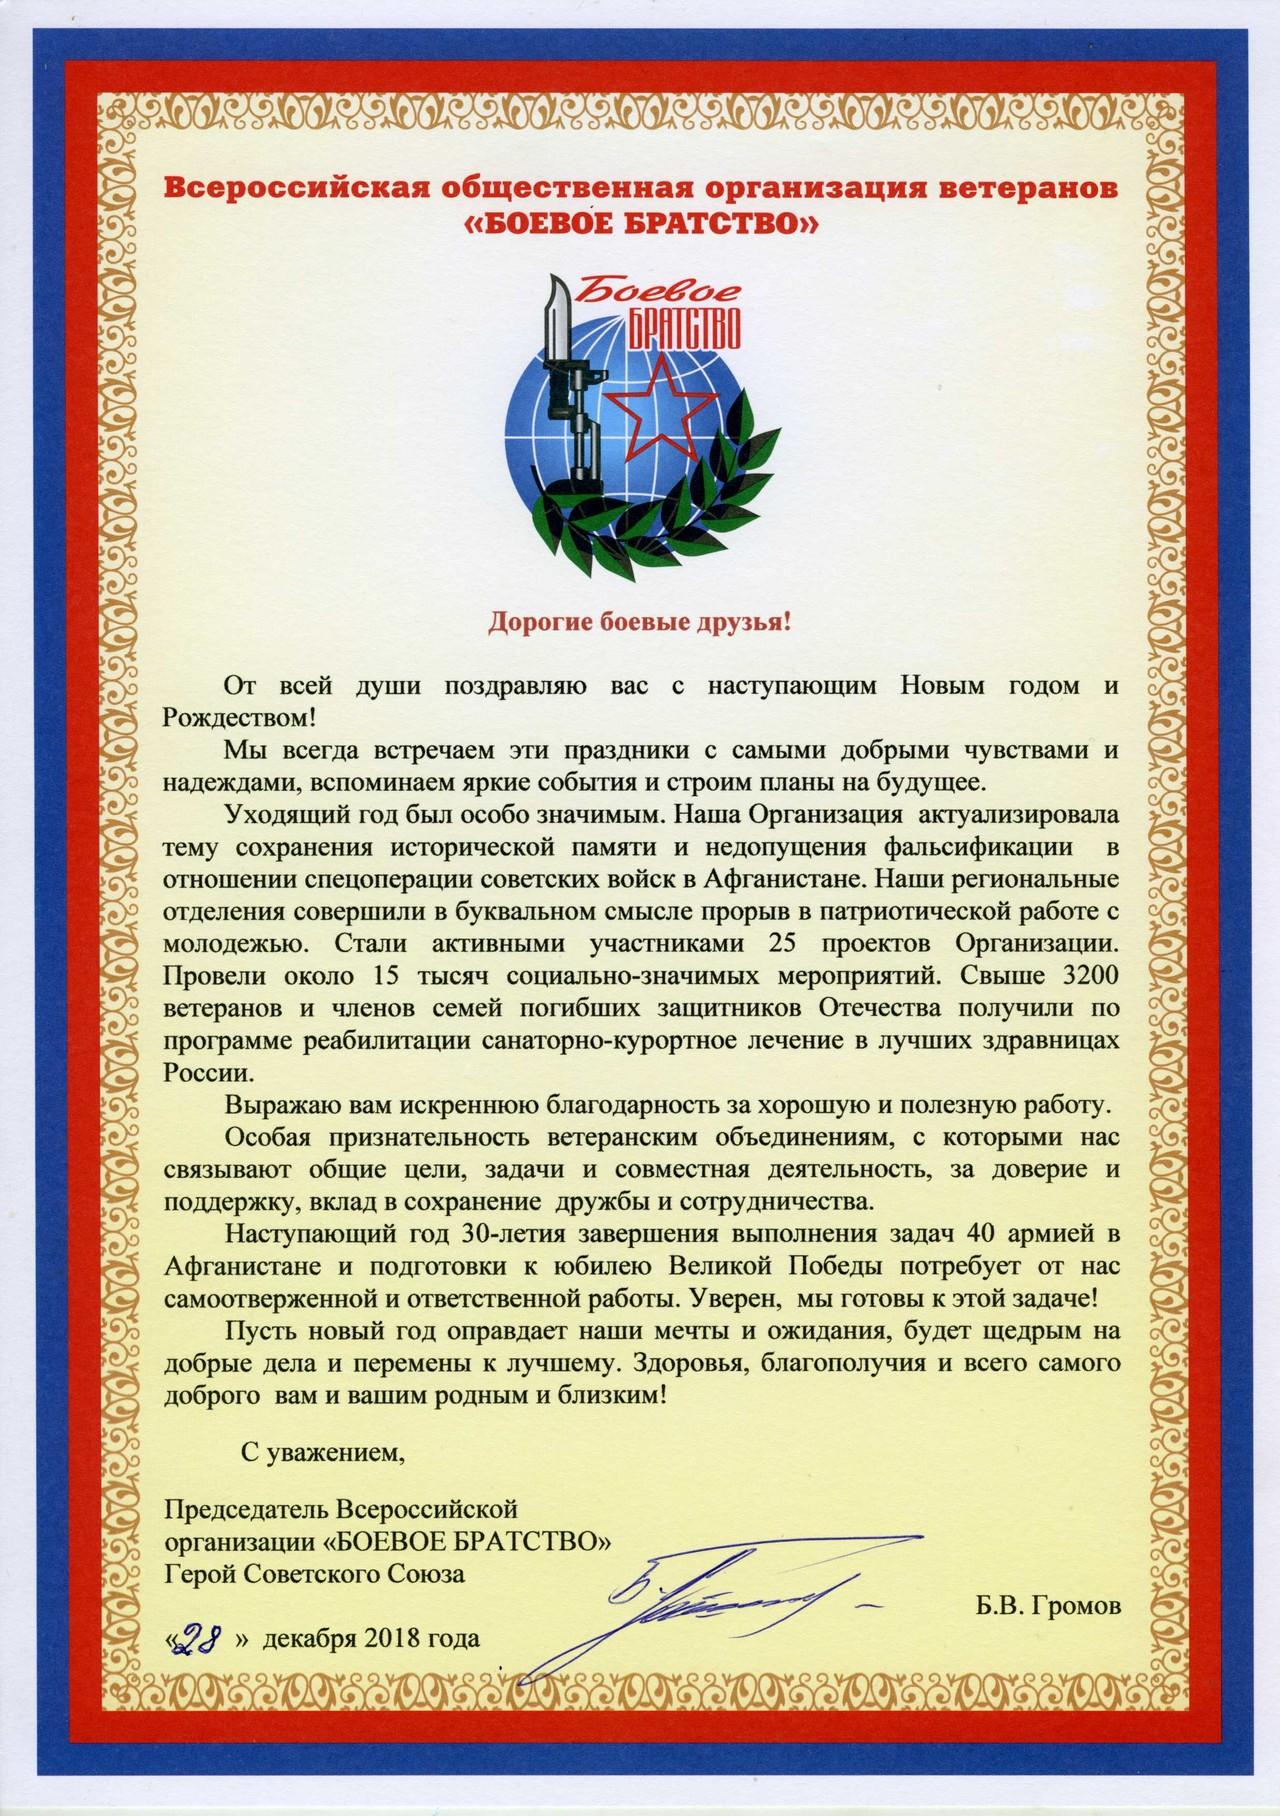 Поздравления Б.В.  Громова с  Новым годом и Рождеством!